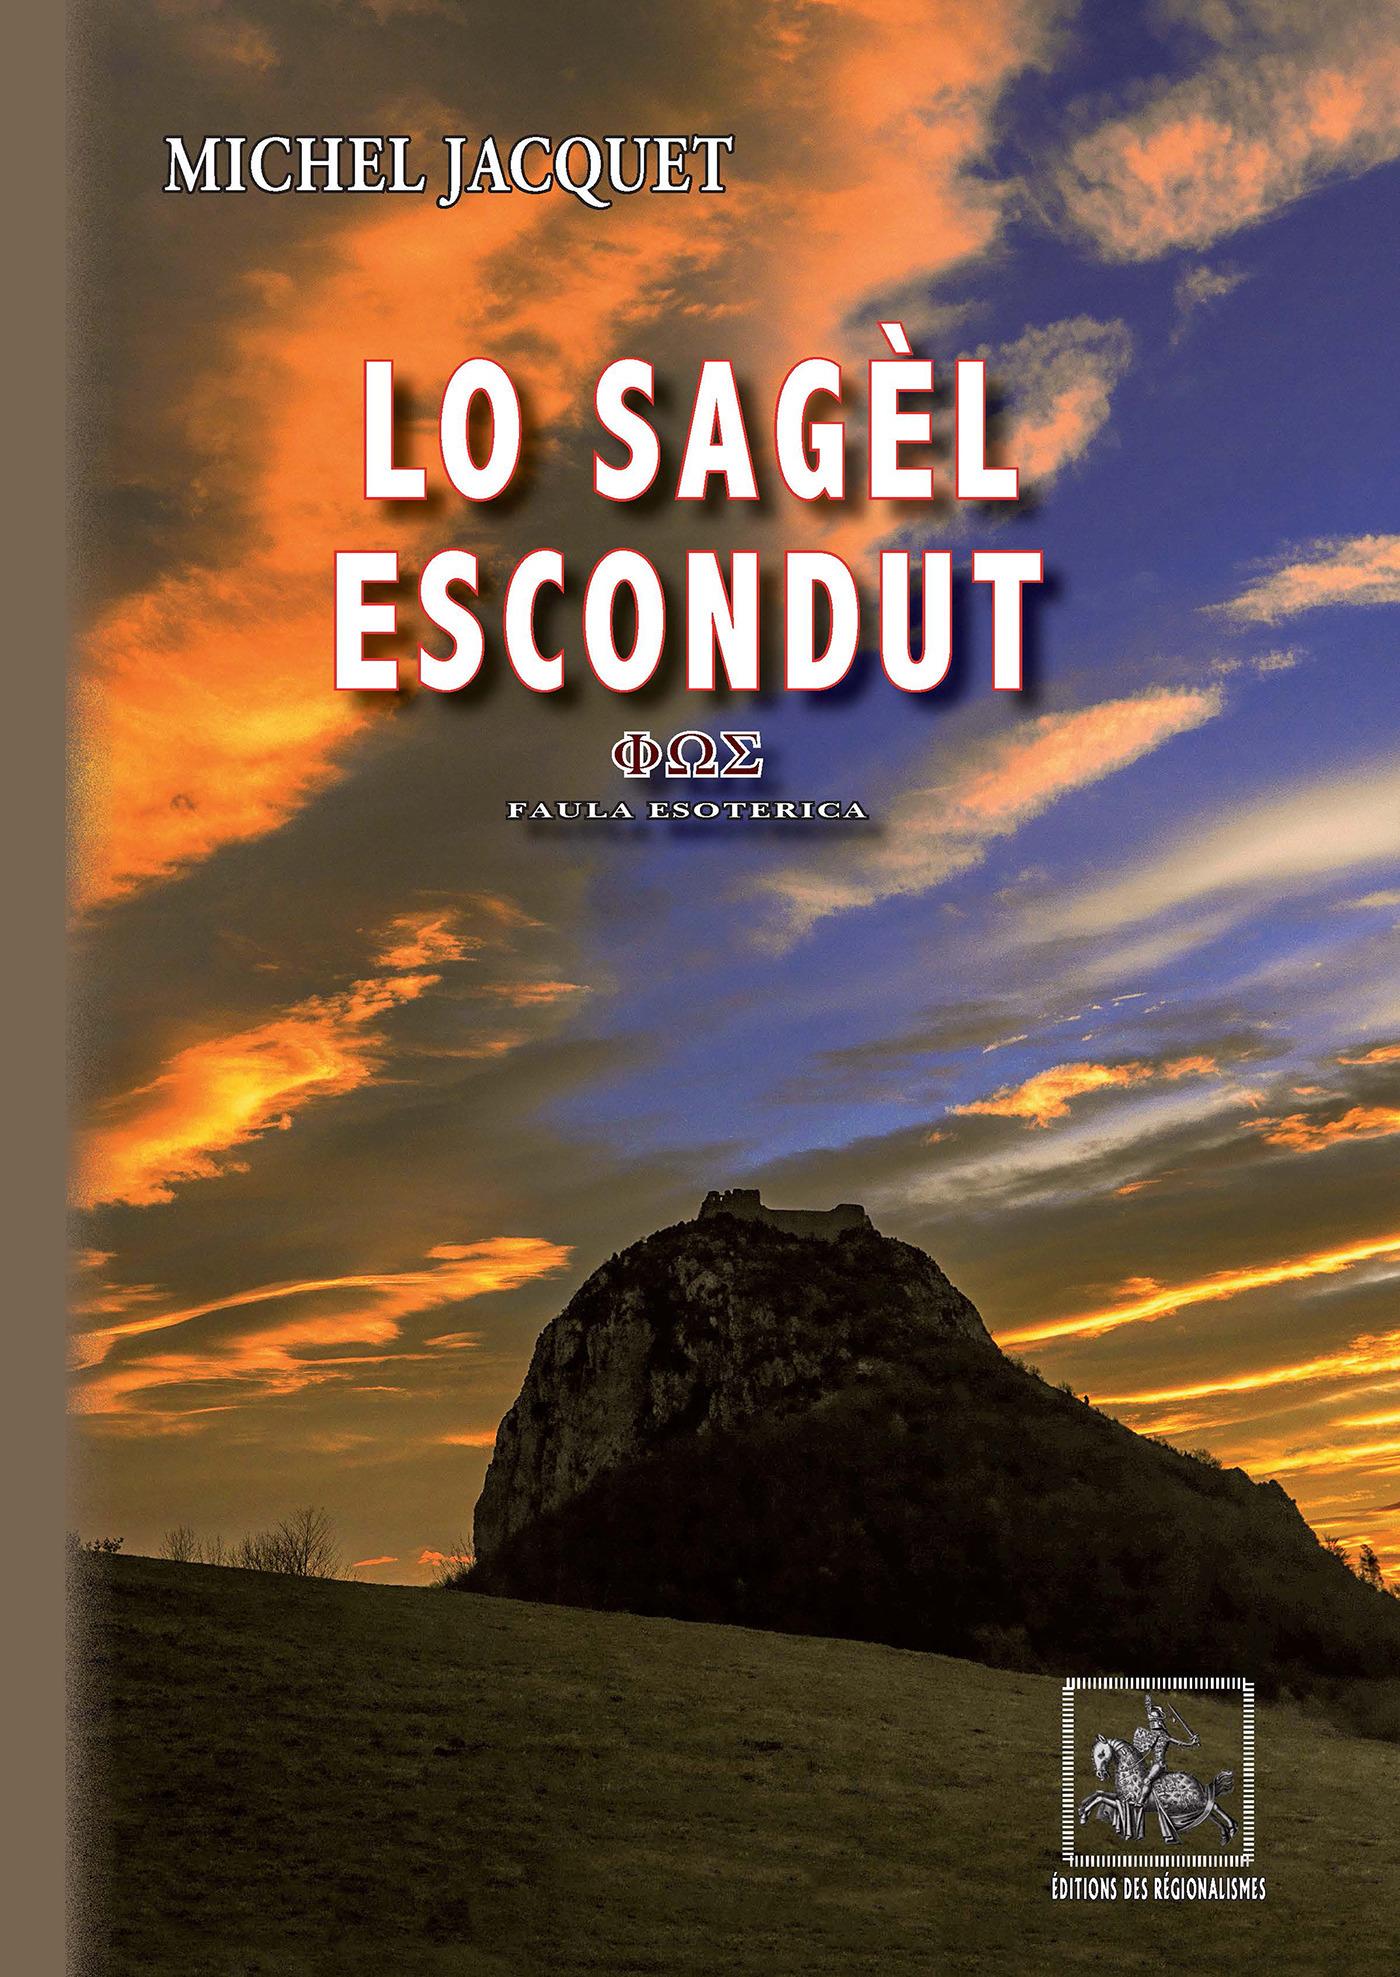 Lo Sagèl escondut (faula esoterica)